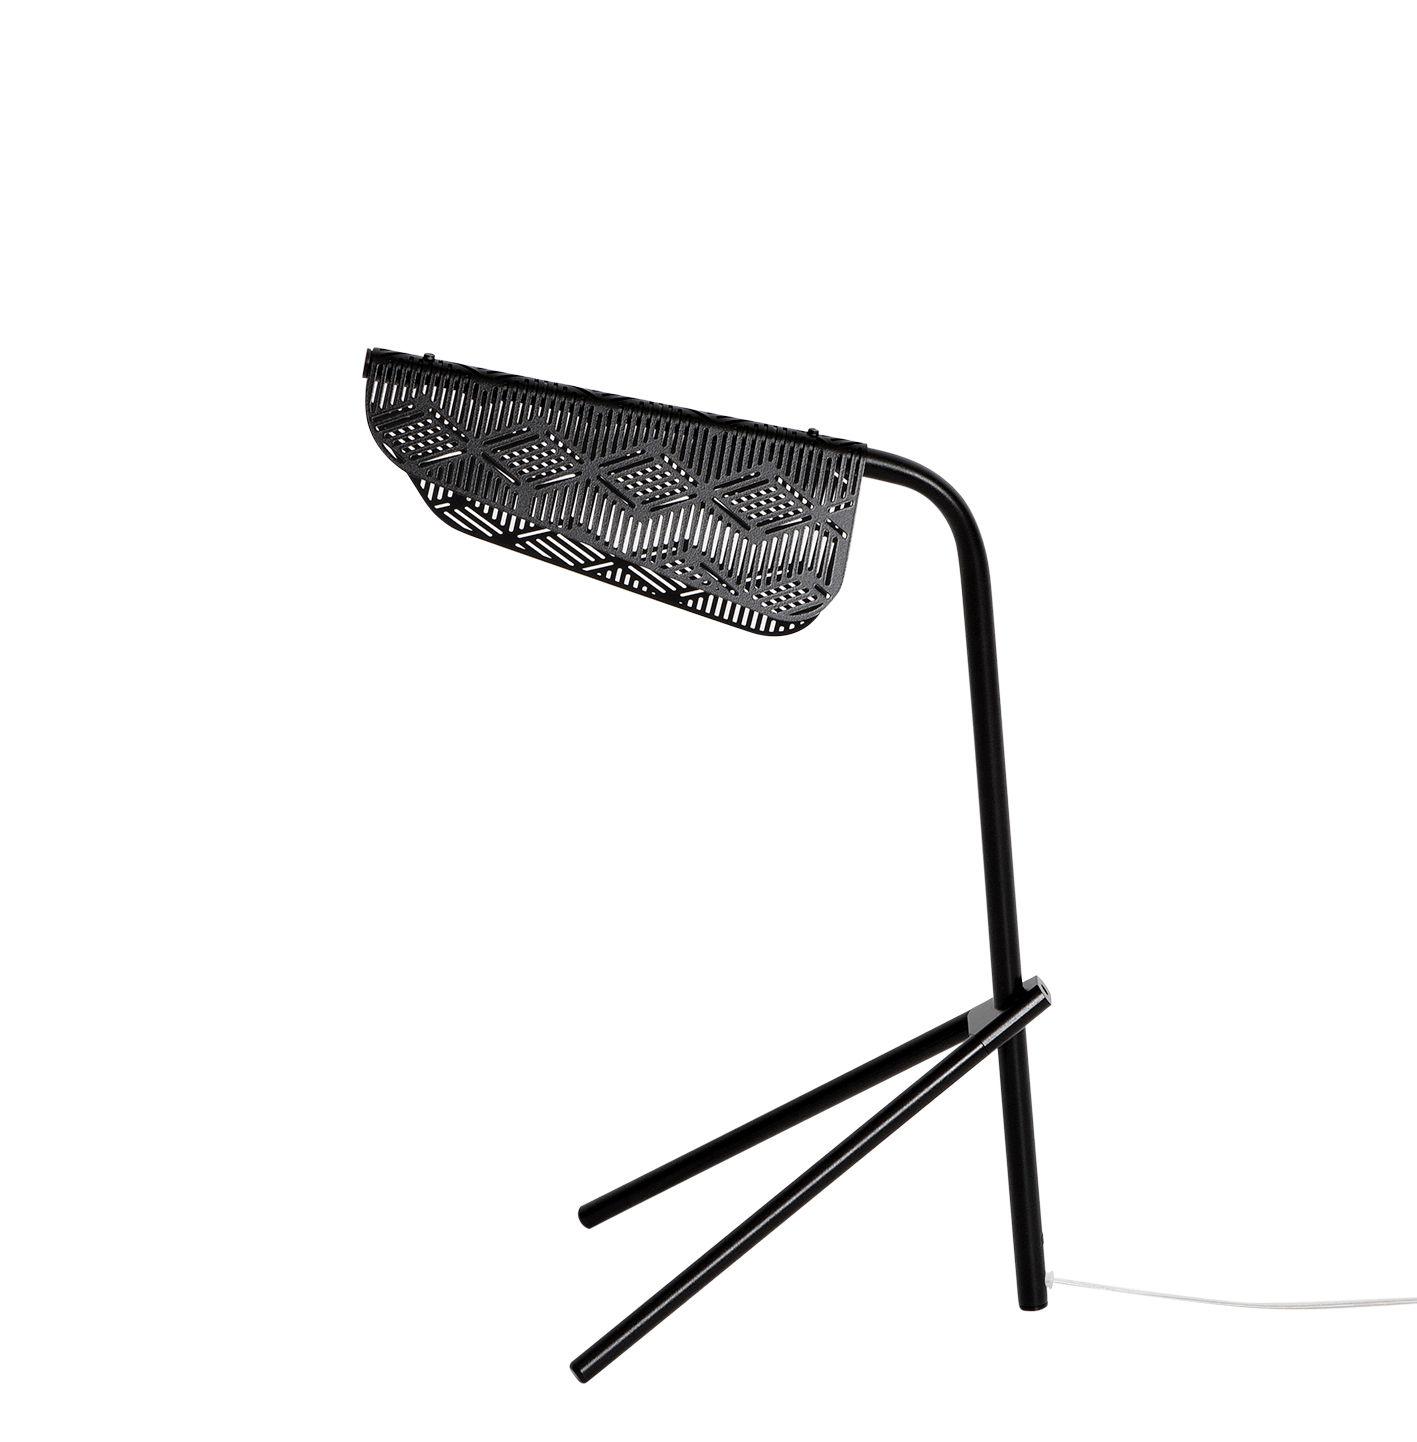 Luminaire - Lampes de table - Lampe de table Méditerranéa / LED - Métal perforé - Petite Friture - Noir - Laiton verni